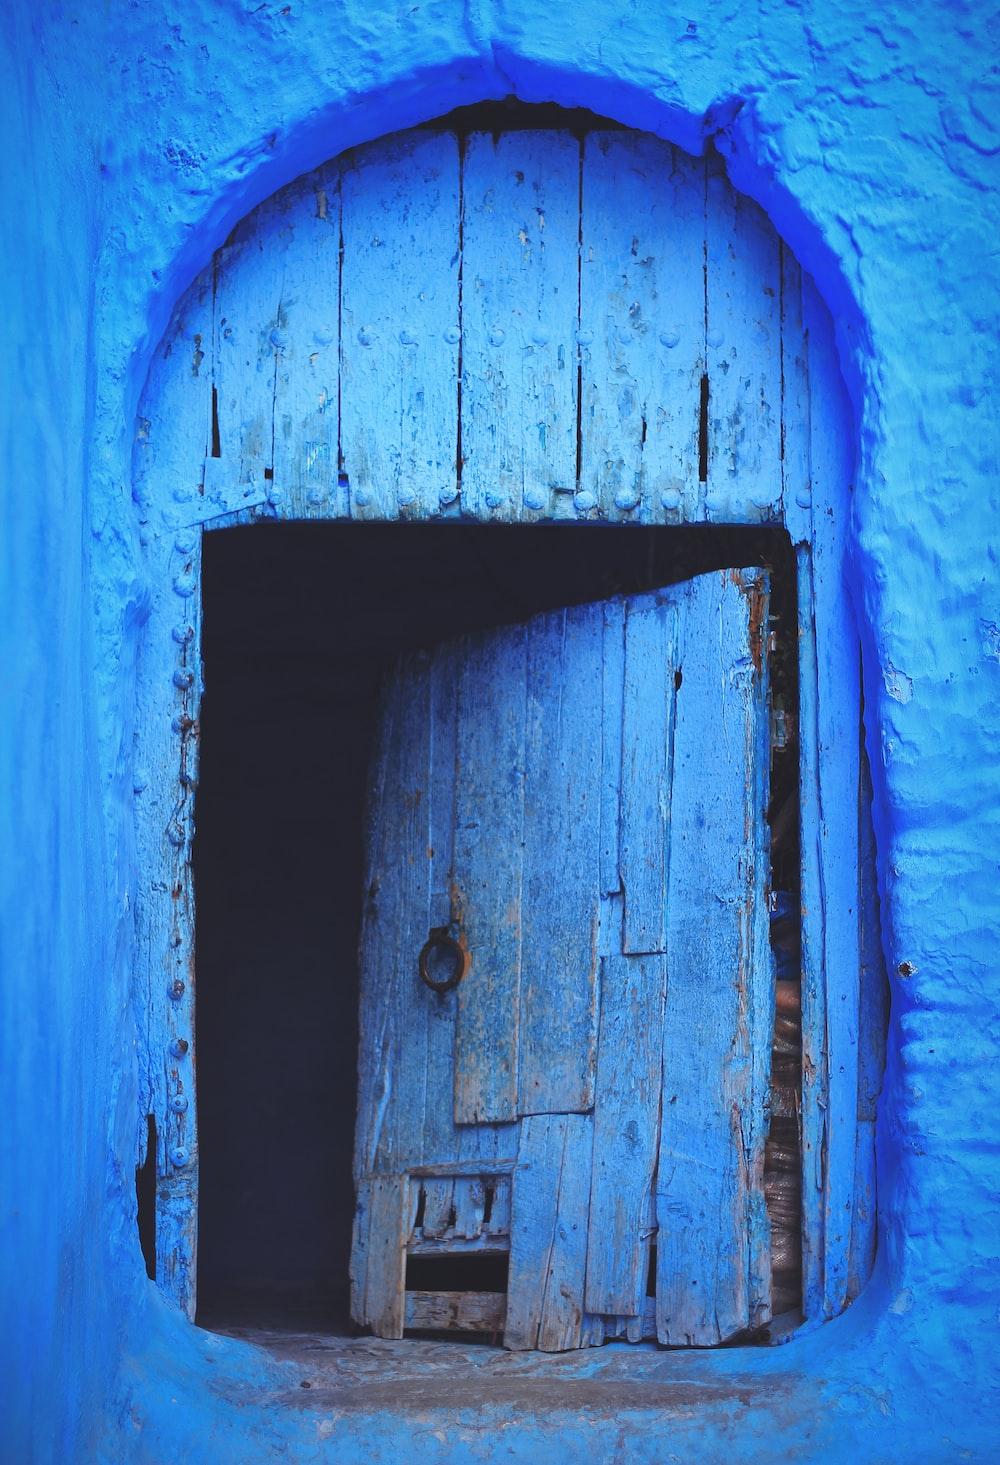 low light photography of blue wooden door